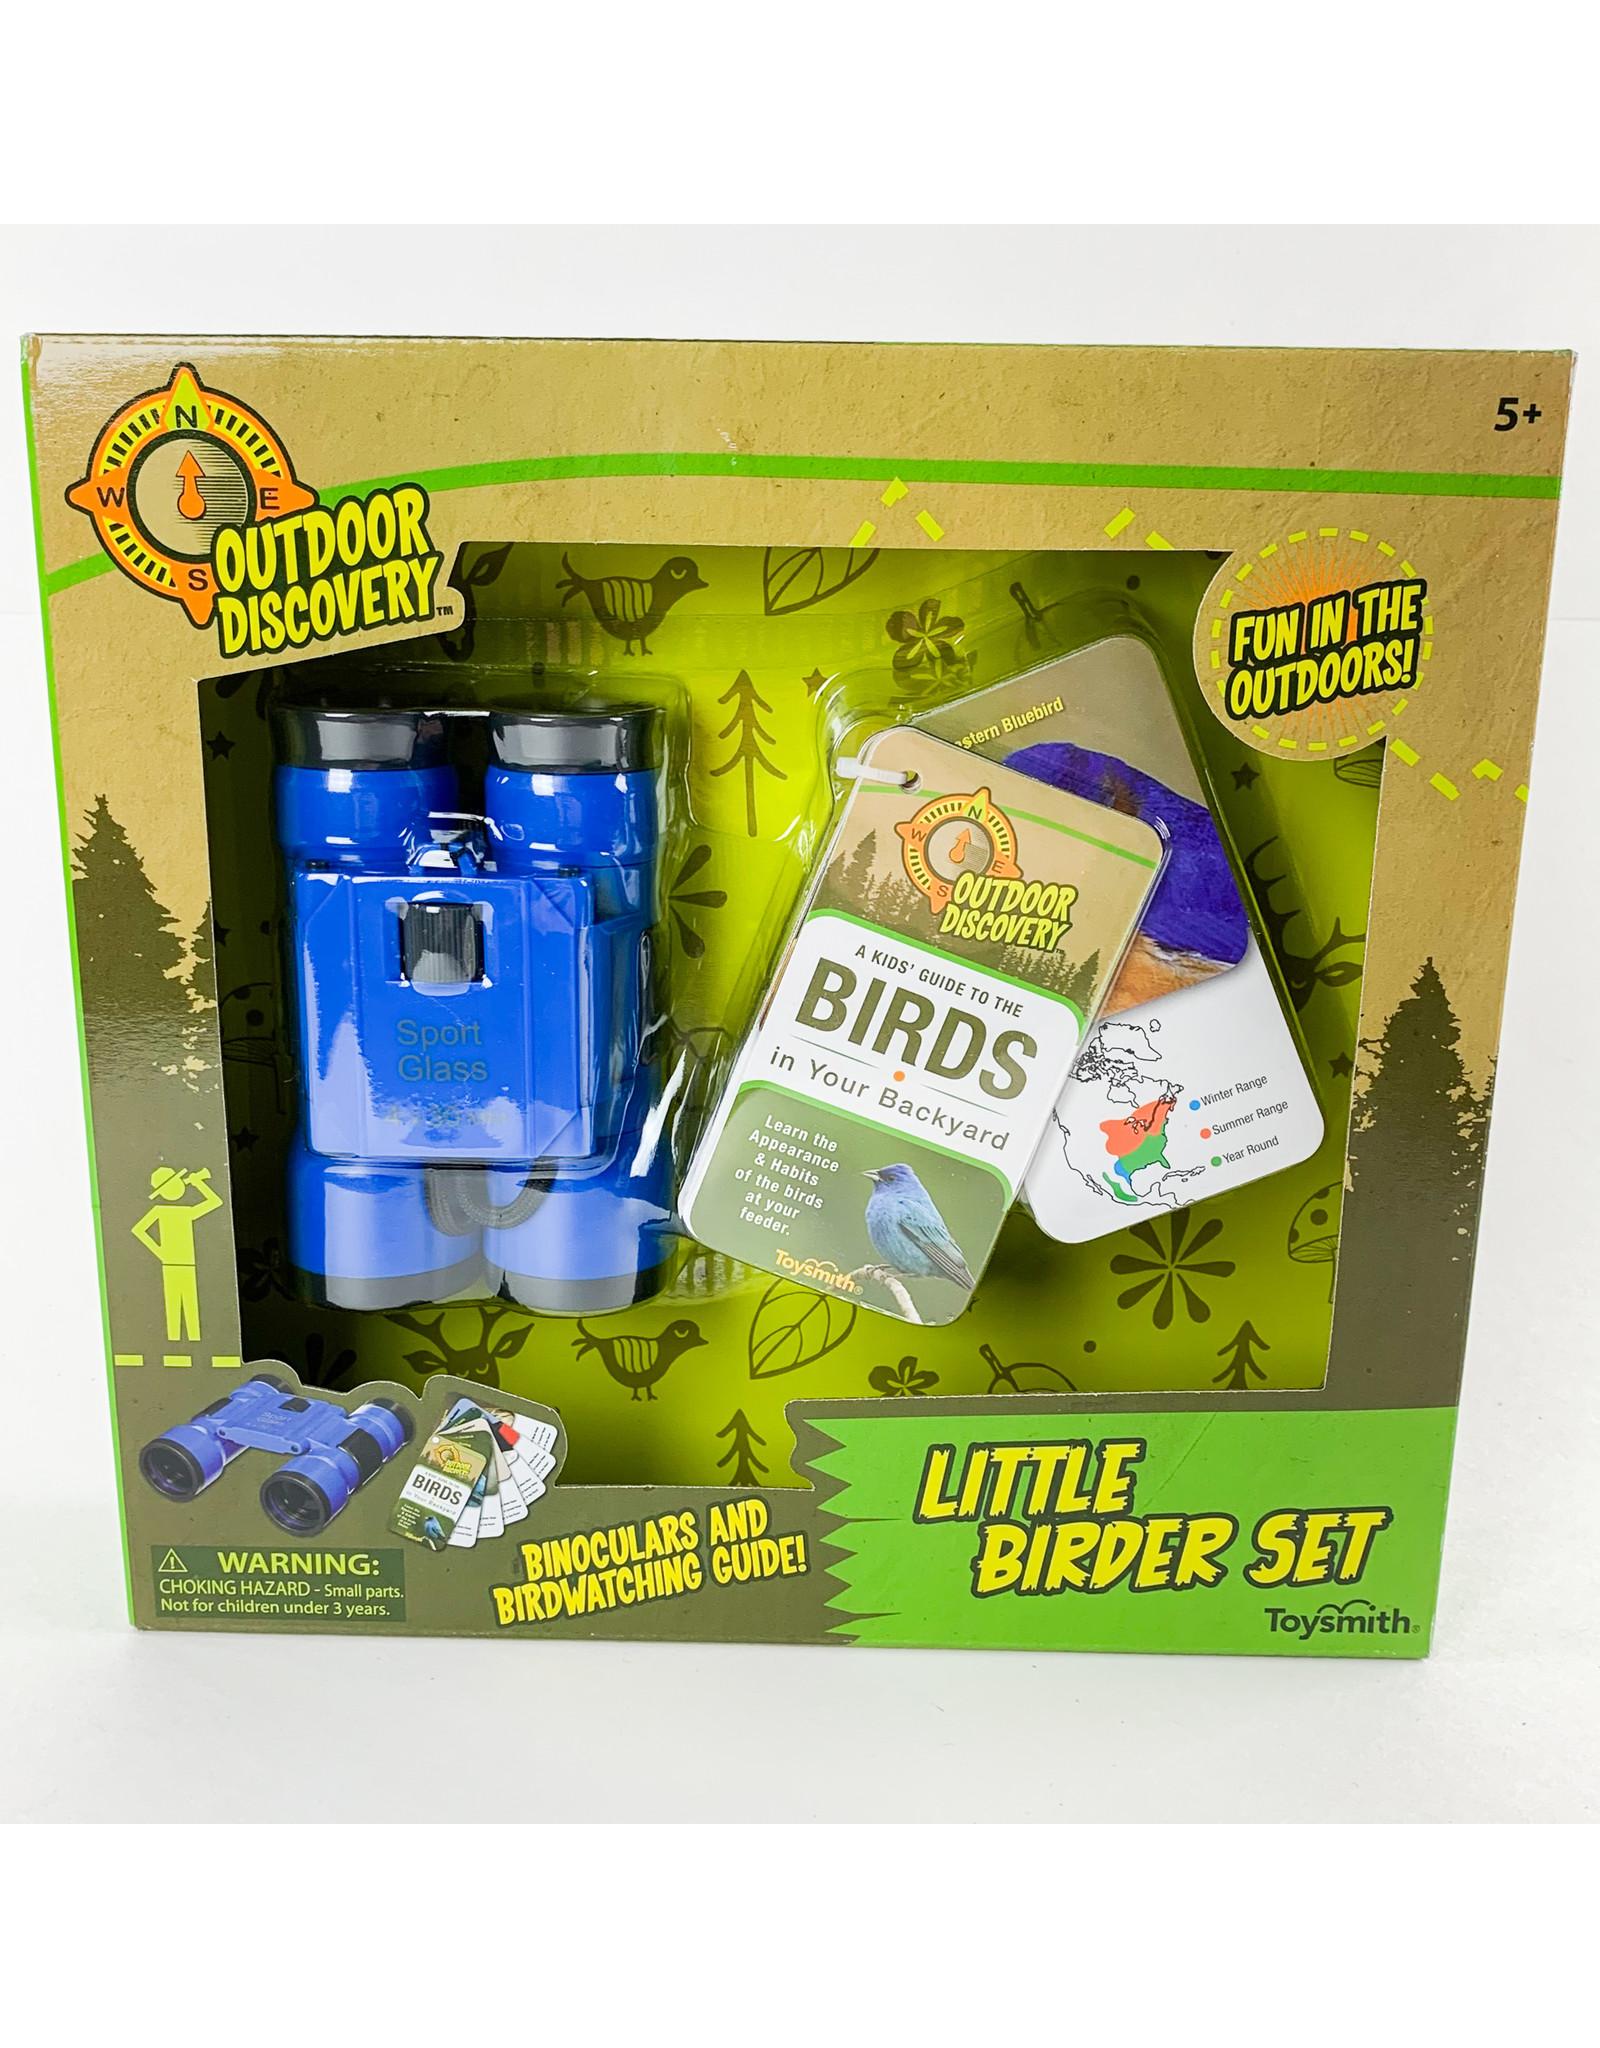 Little Birder Set